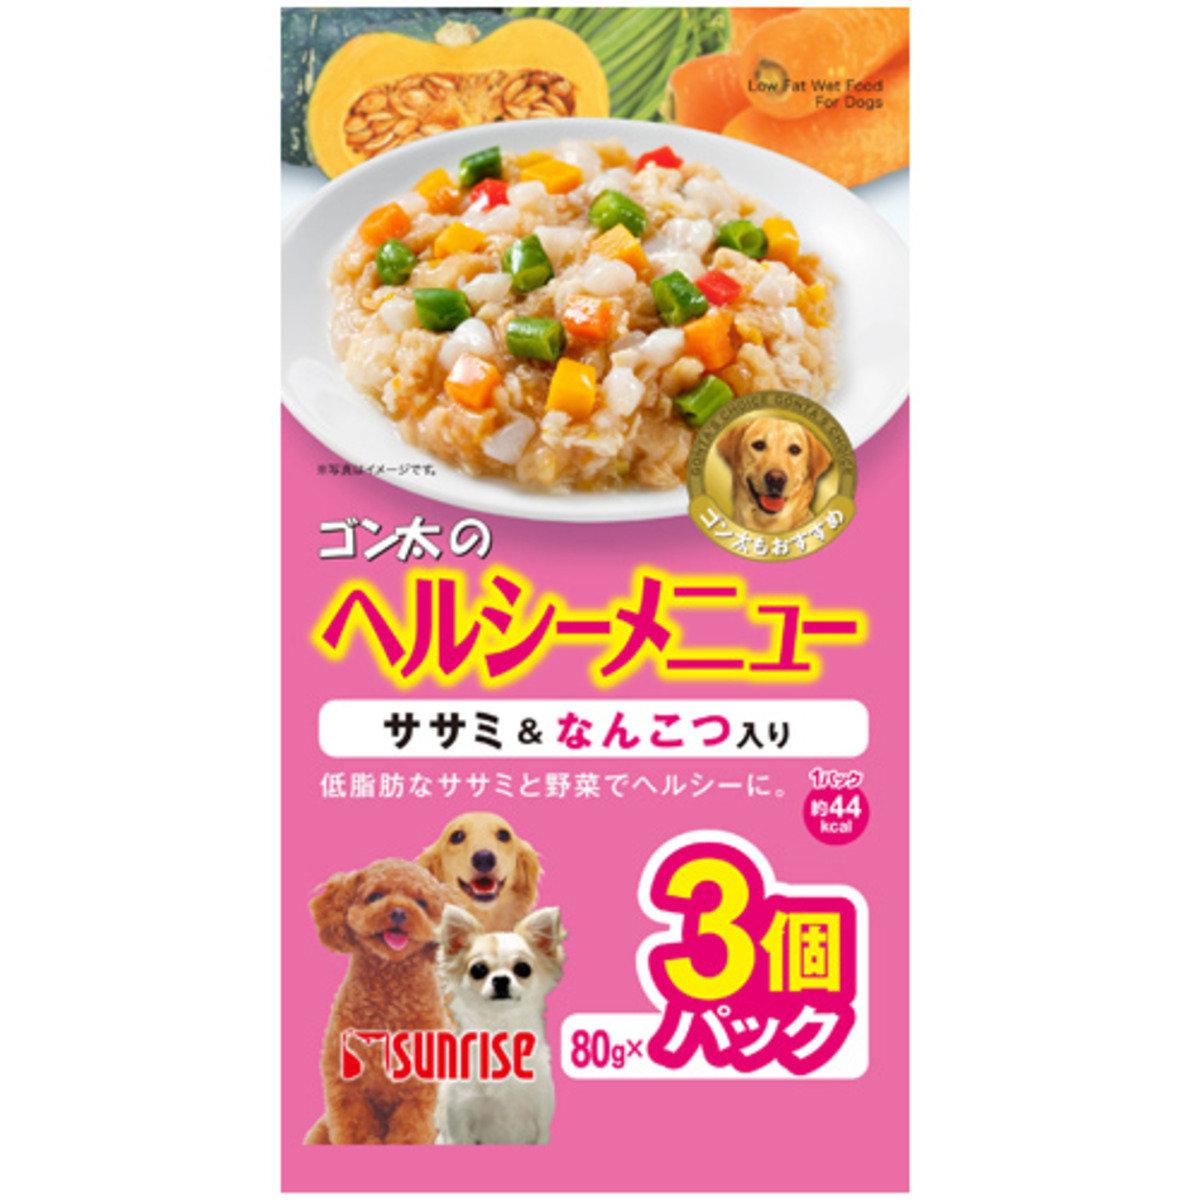 日本 SUNRISE 雞肉蔬菜軟骨濕糧 80g x 3